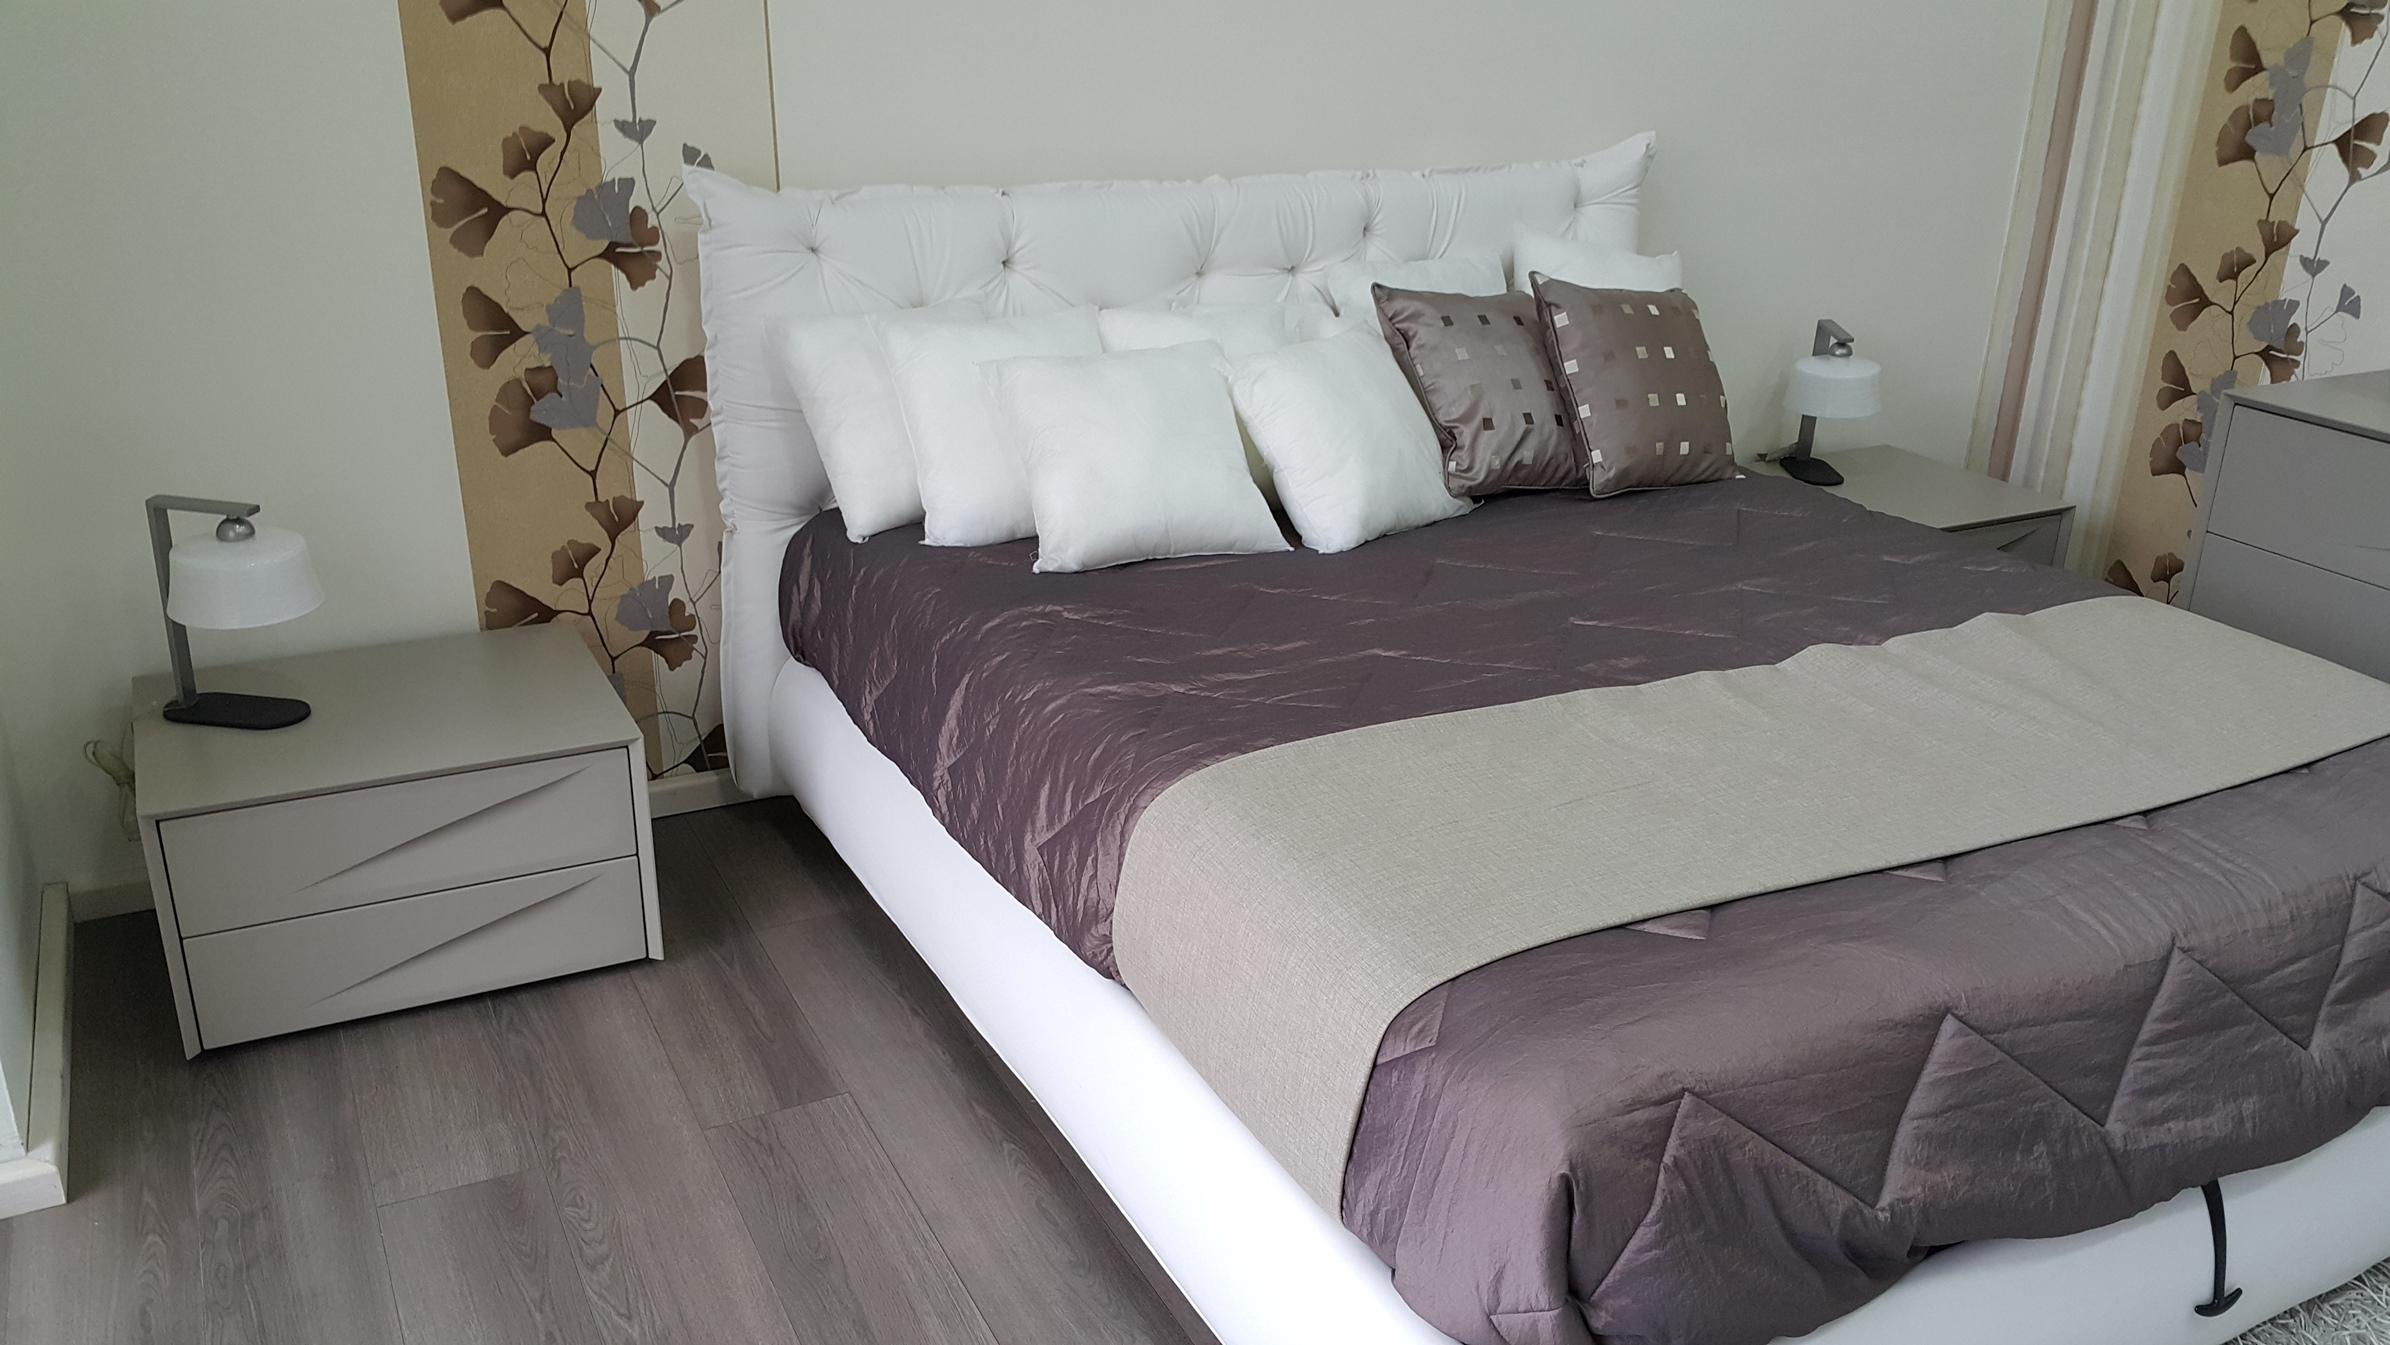 Camerette sma camere da letto moderne sma scali - Camera da letto matrimoniale ...